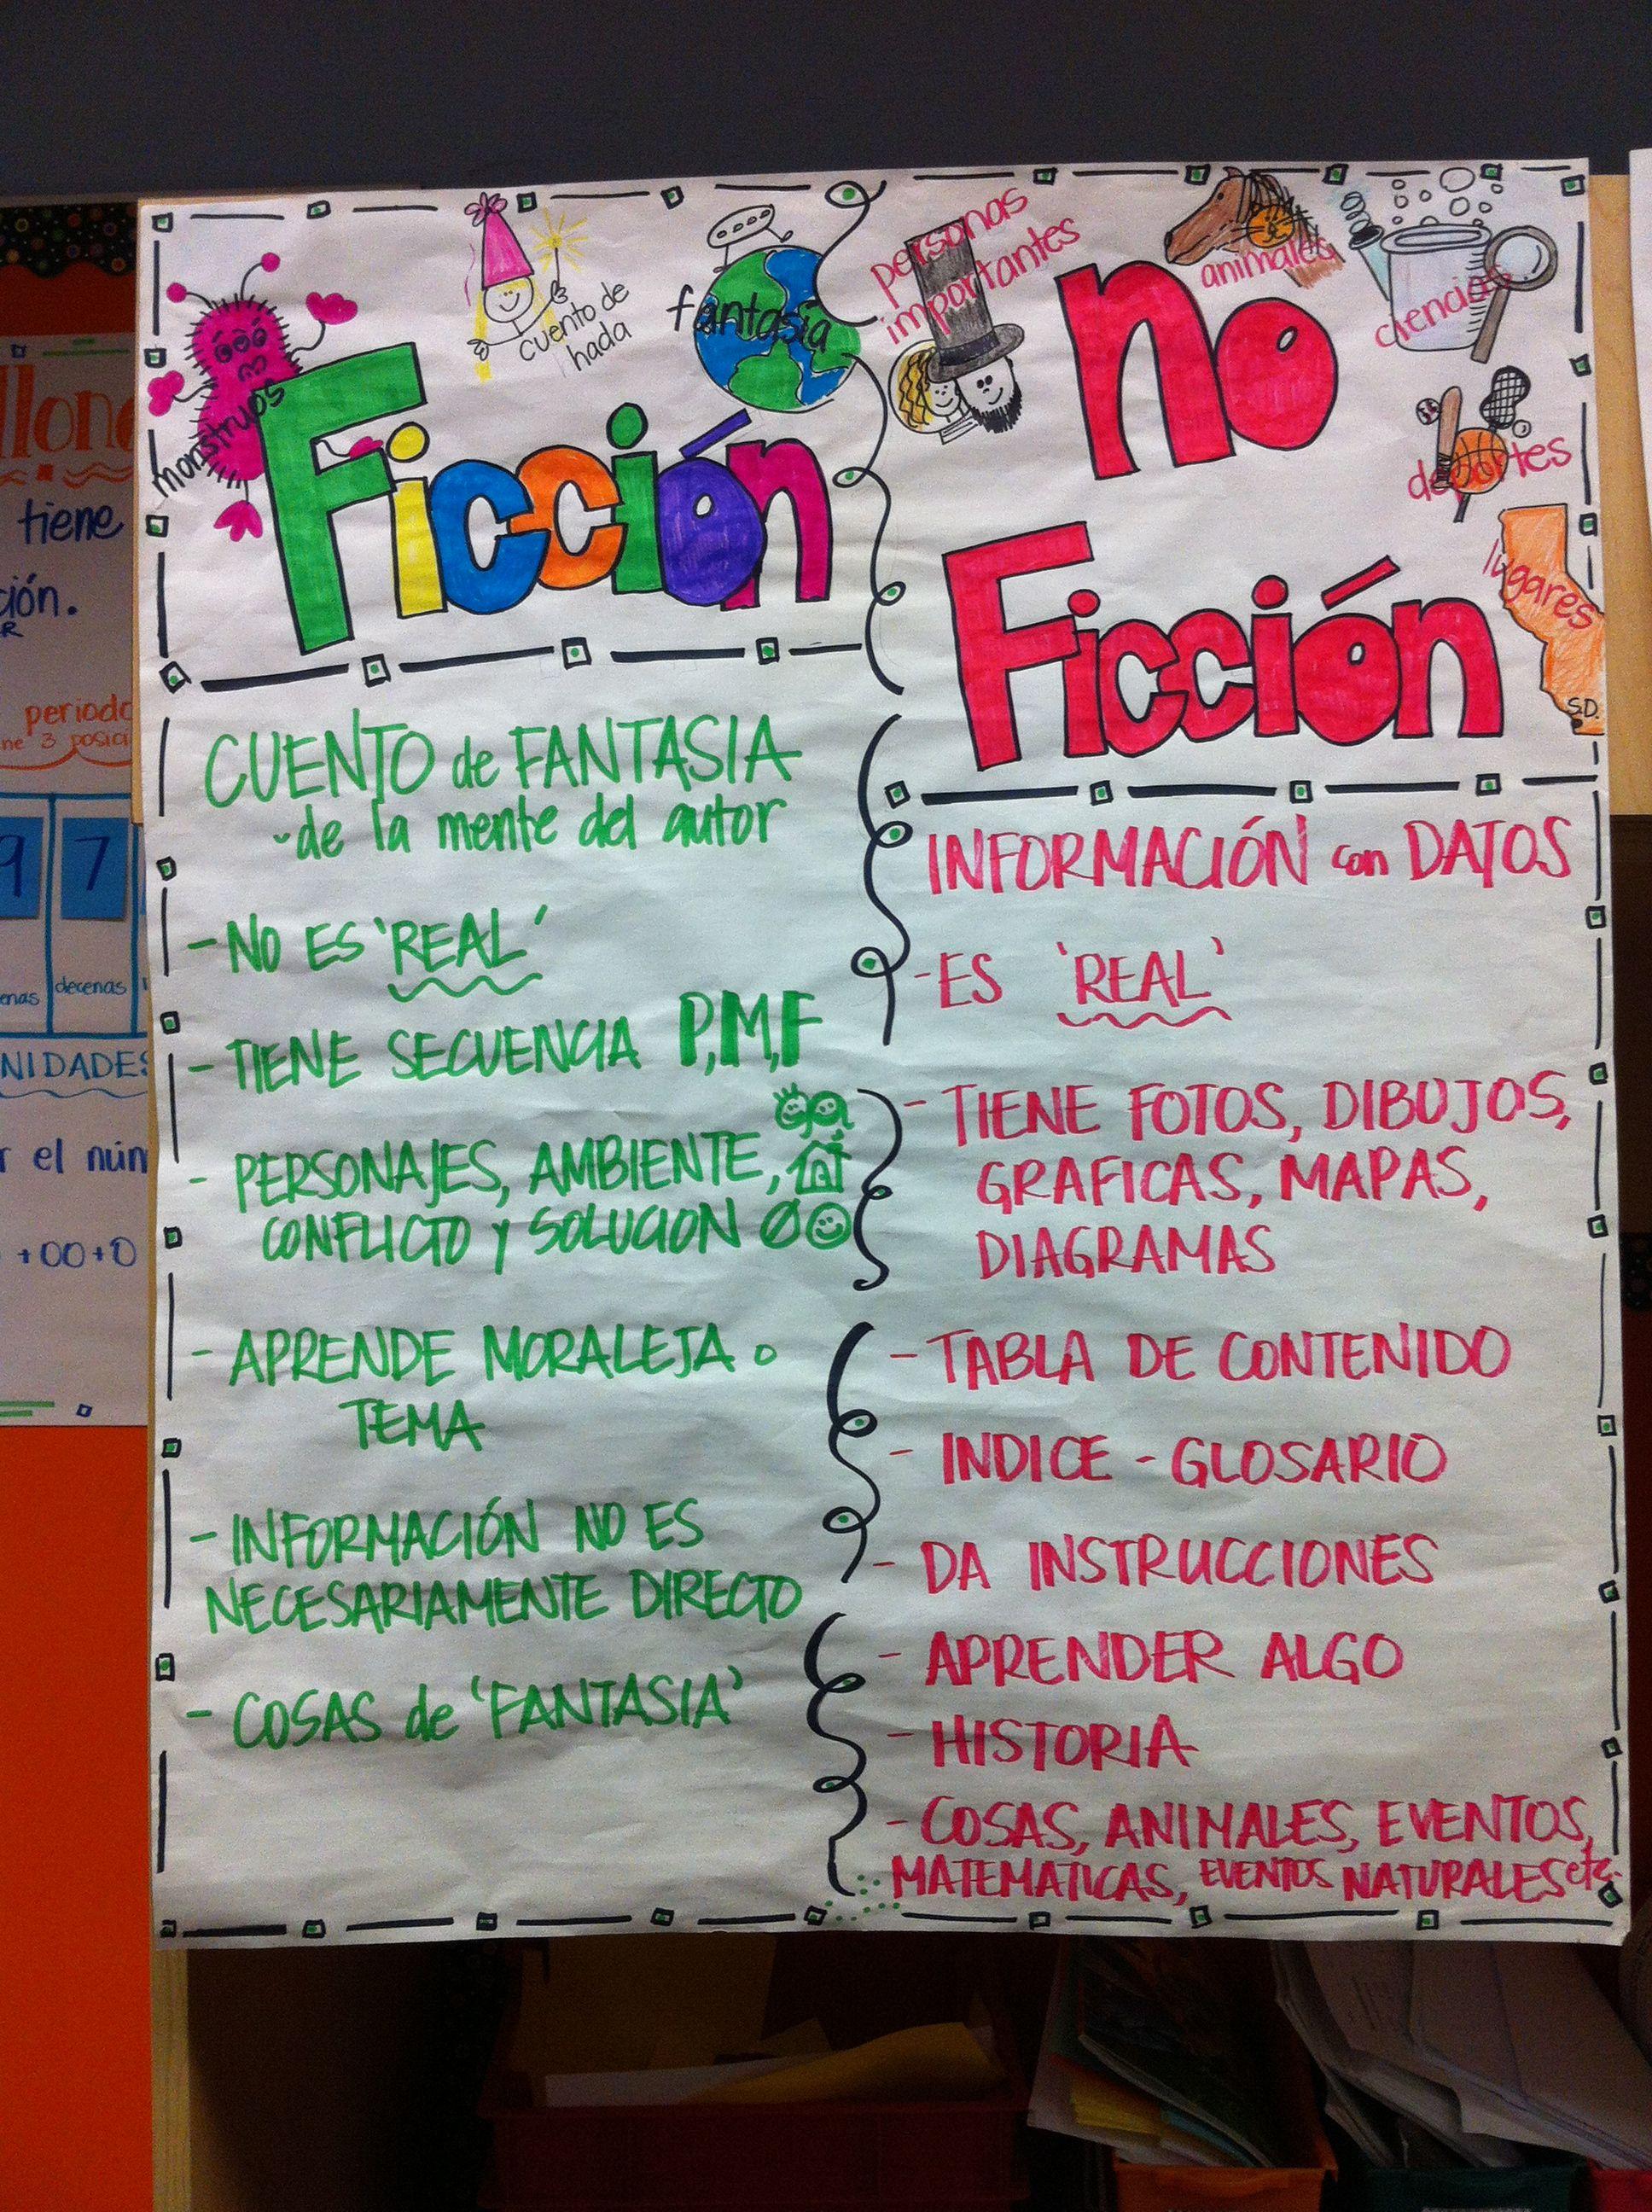 Ficcion -ficcion Bilingual Charts